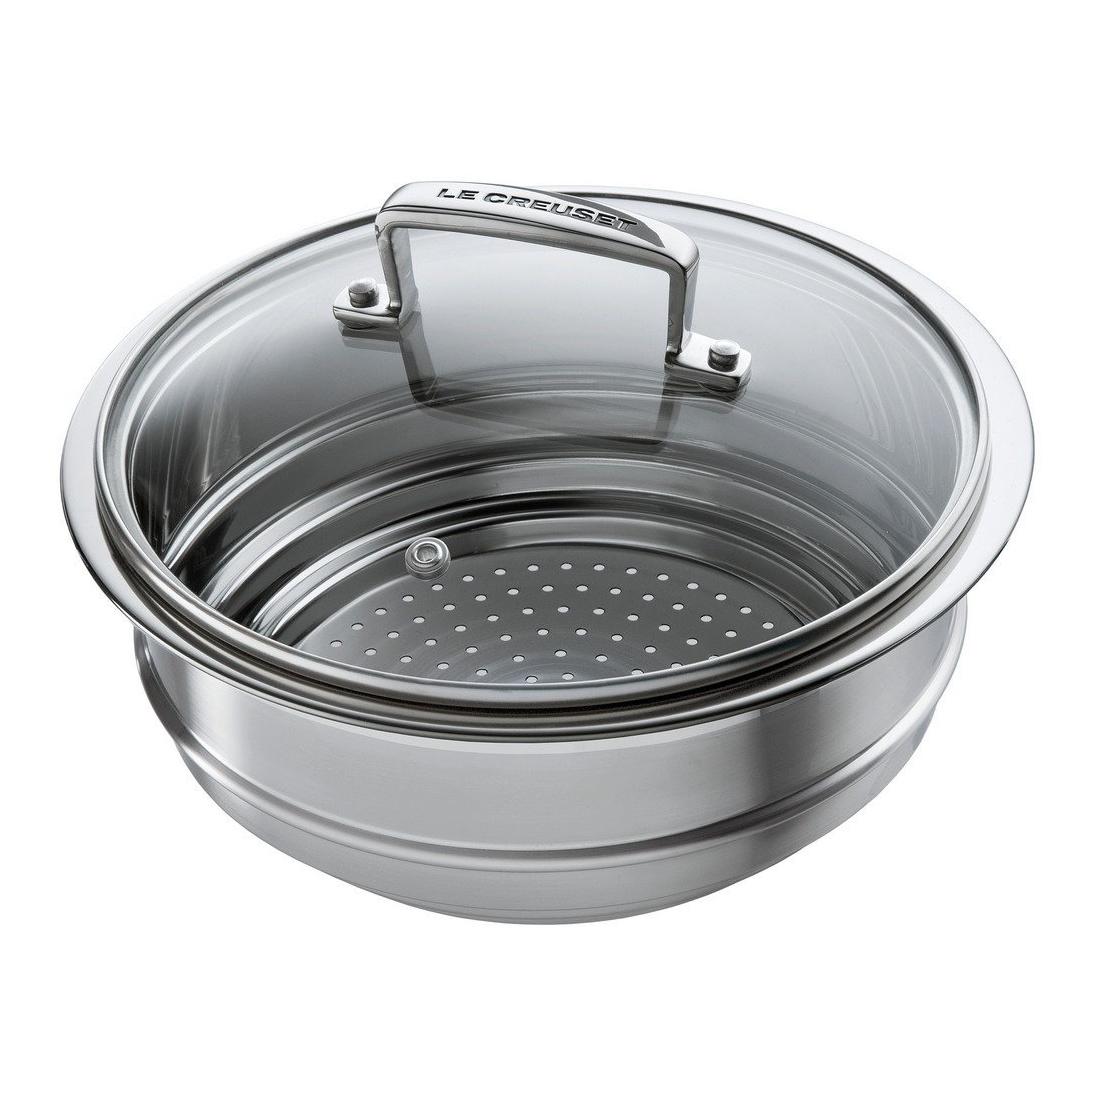 Le Creuset Stainless Steel Steamer Insert, 2.75 Quart